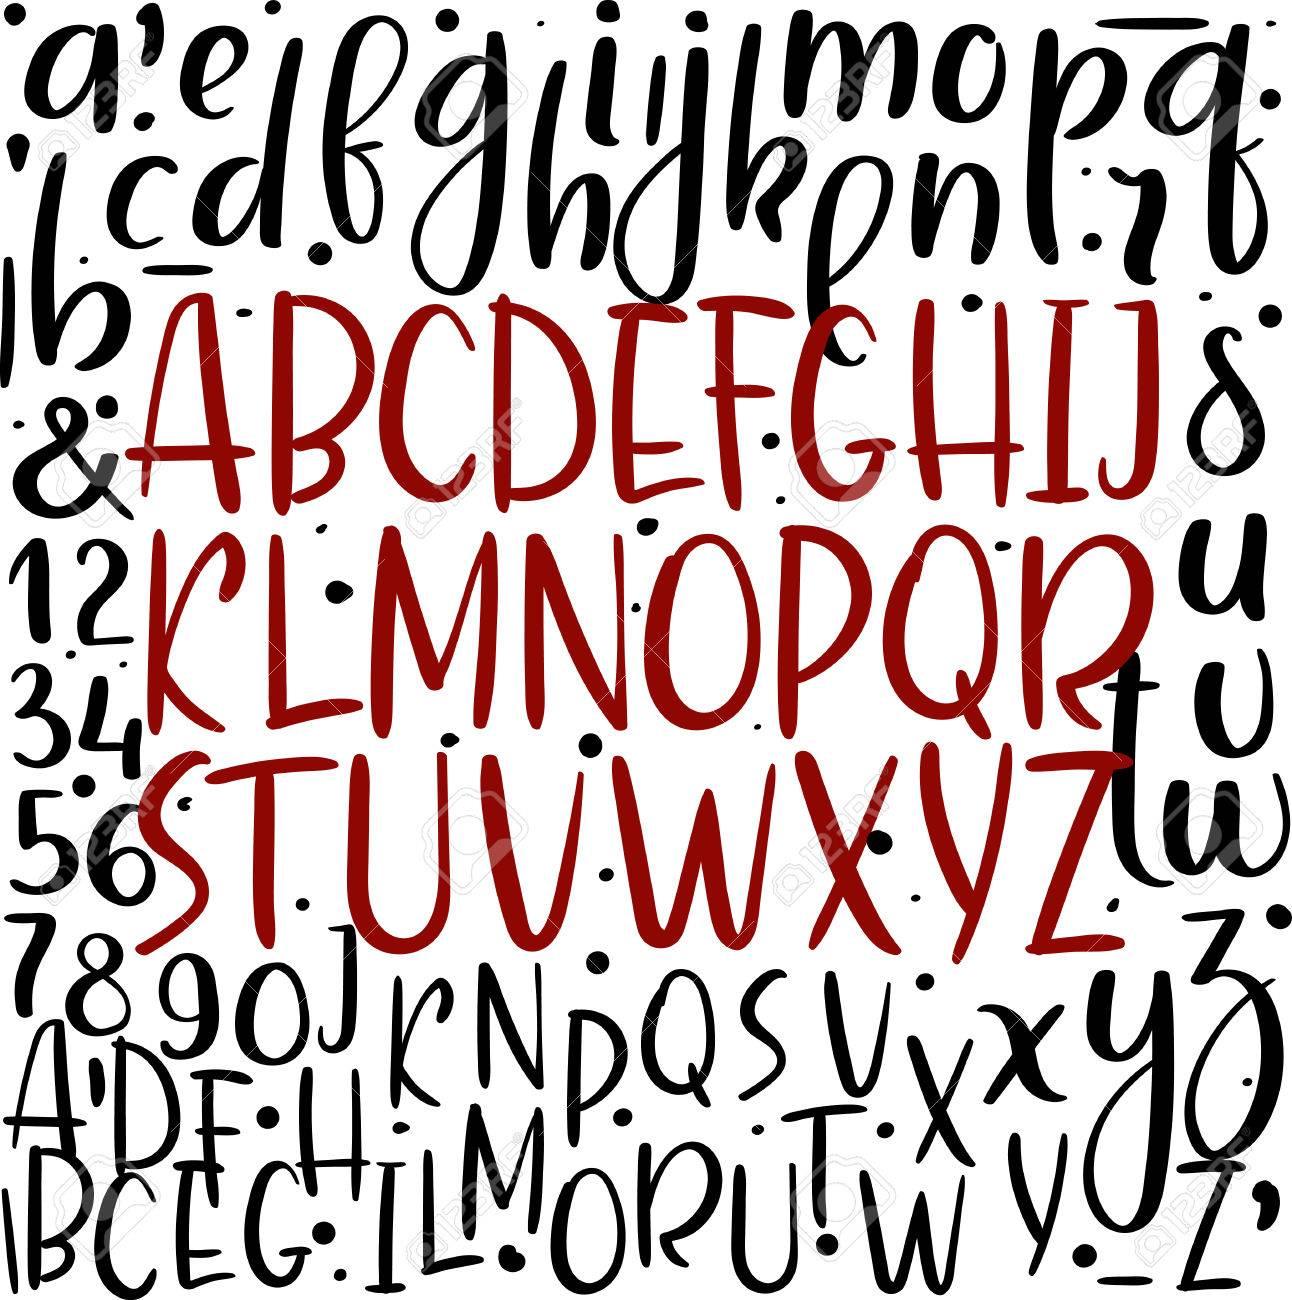 Handwritten Brush Style Letters Modern Calligraphy Alphabet Hand Lettering Stock Vector